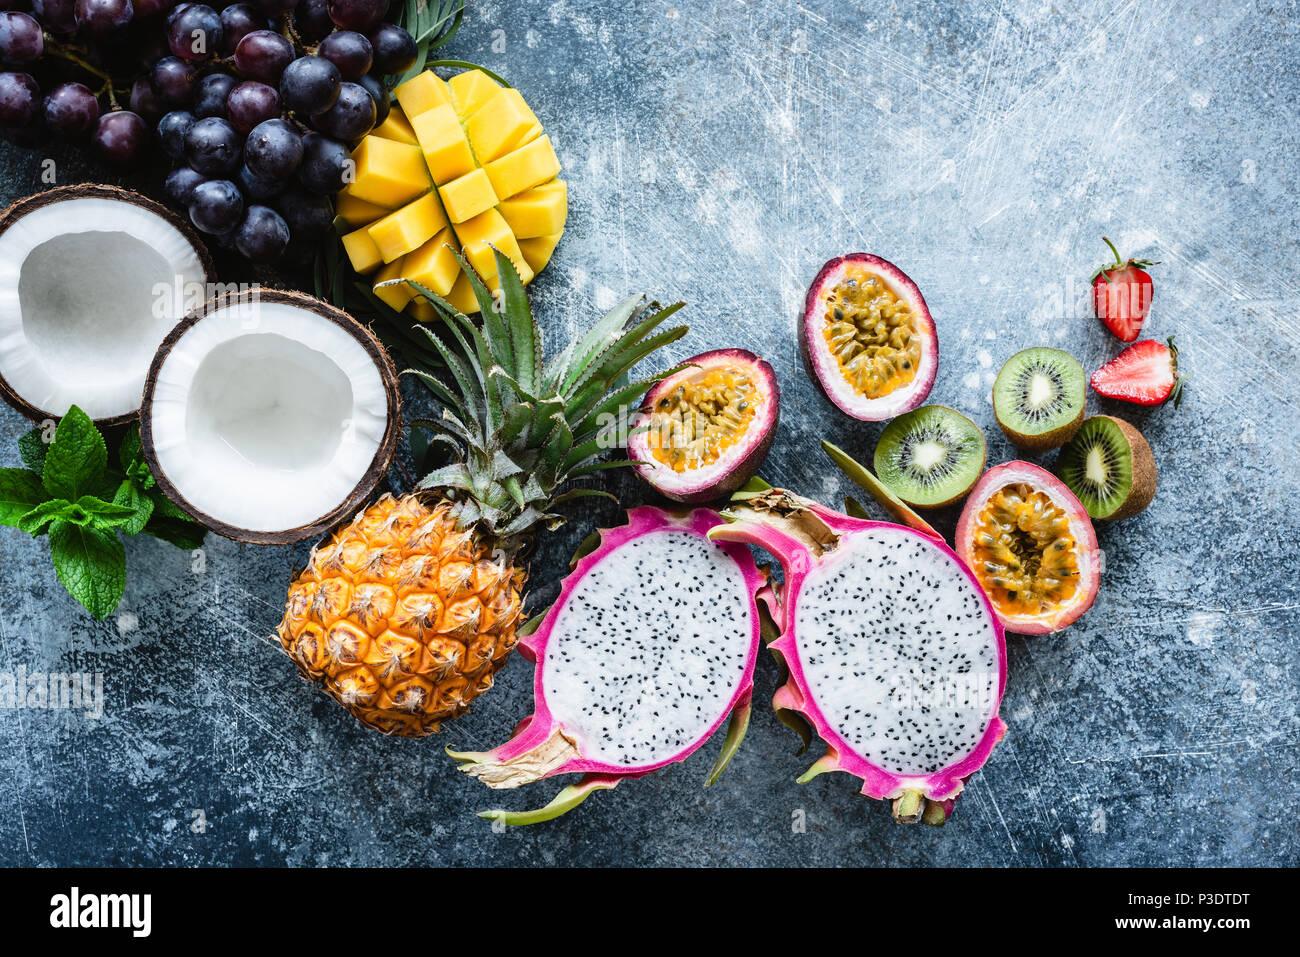 Gruppe von exotischen und tropischen Früchten. Mango, Drachenfrucht, Passionsfrucht, Kokos, Kiwi, Ananas und Erdbeere auf konkrete blauen Hintergrund. Frisches Obst Stockbild